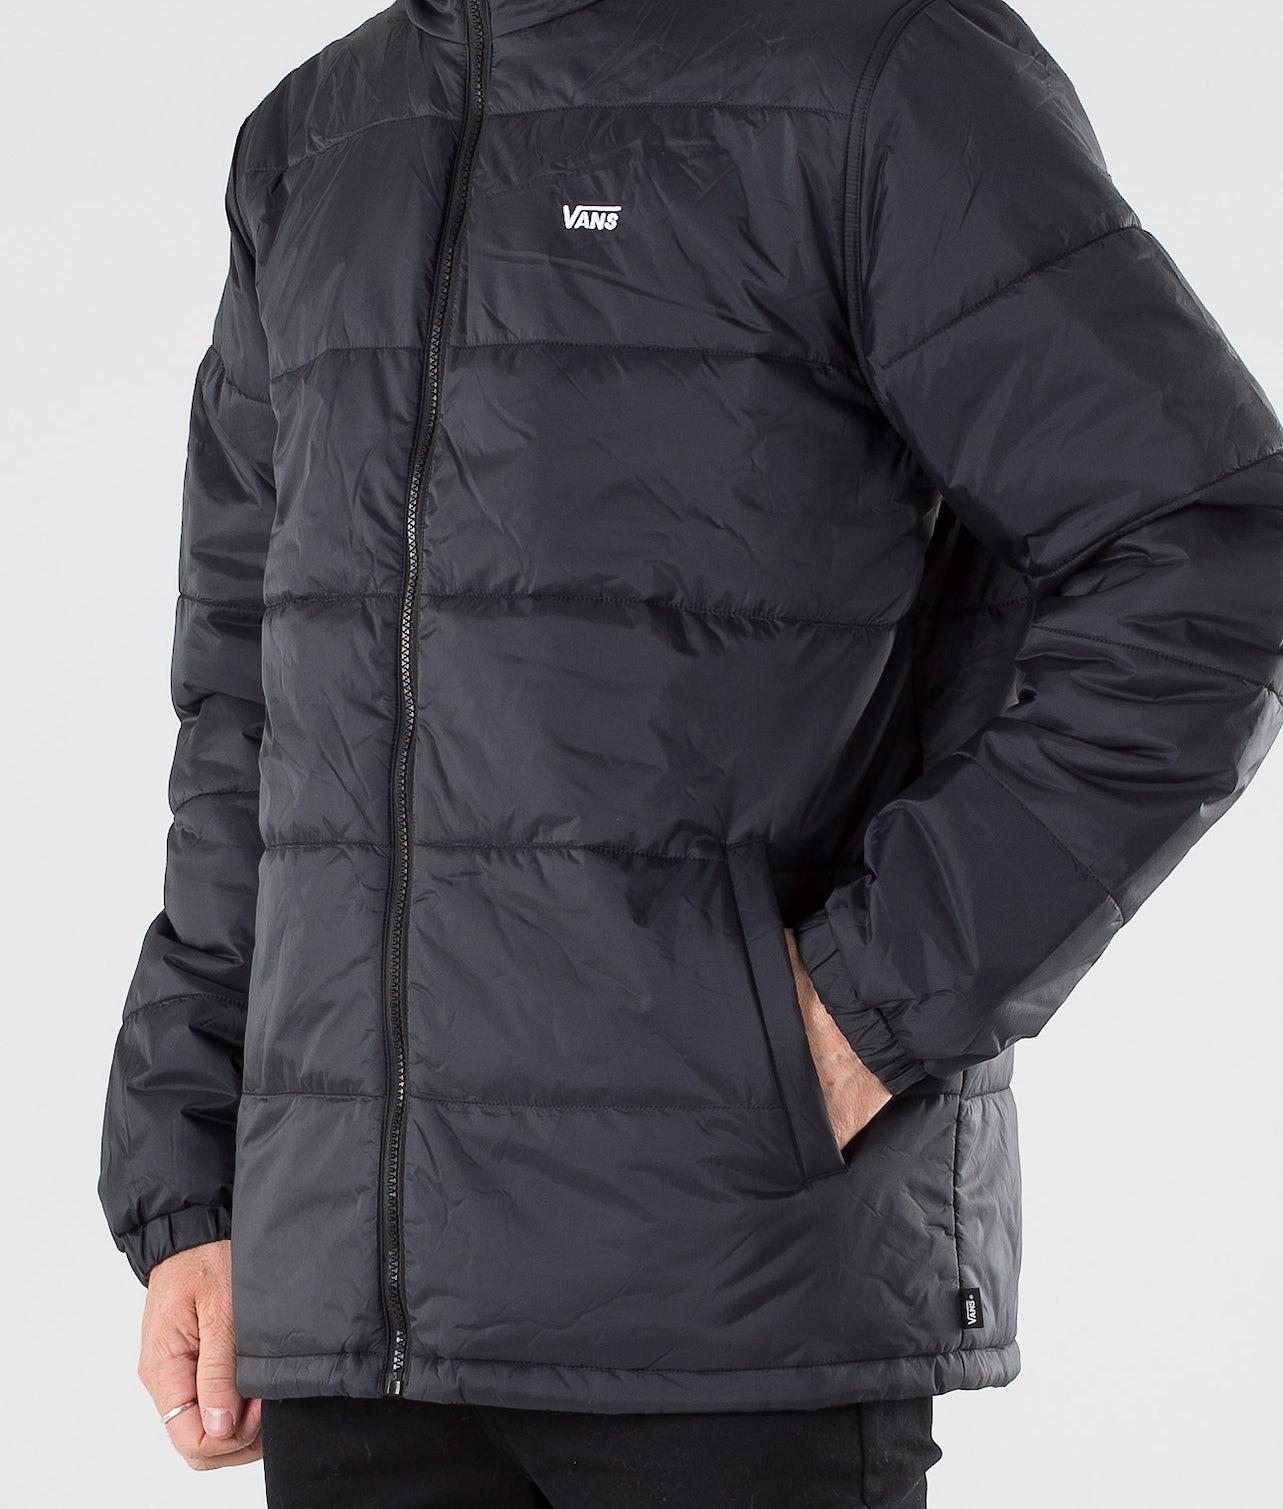 Kjøp Woodridge Jakke fra Vans på Ridestore.no - Hos oss har du alltid fri frakt, fri retur og 30 dagers åpent kjøp!